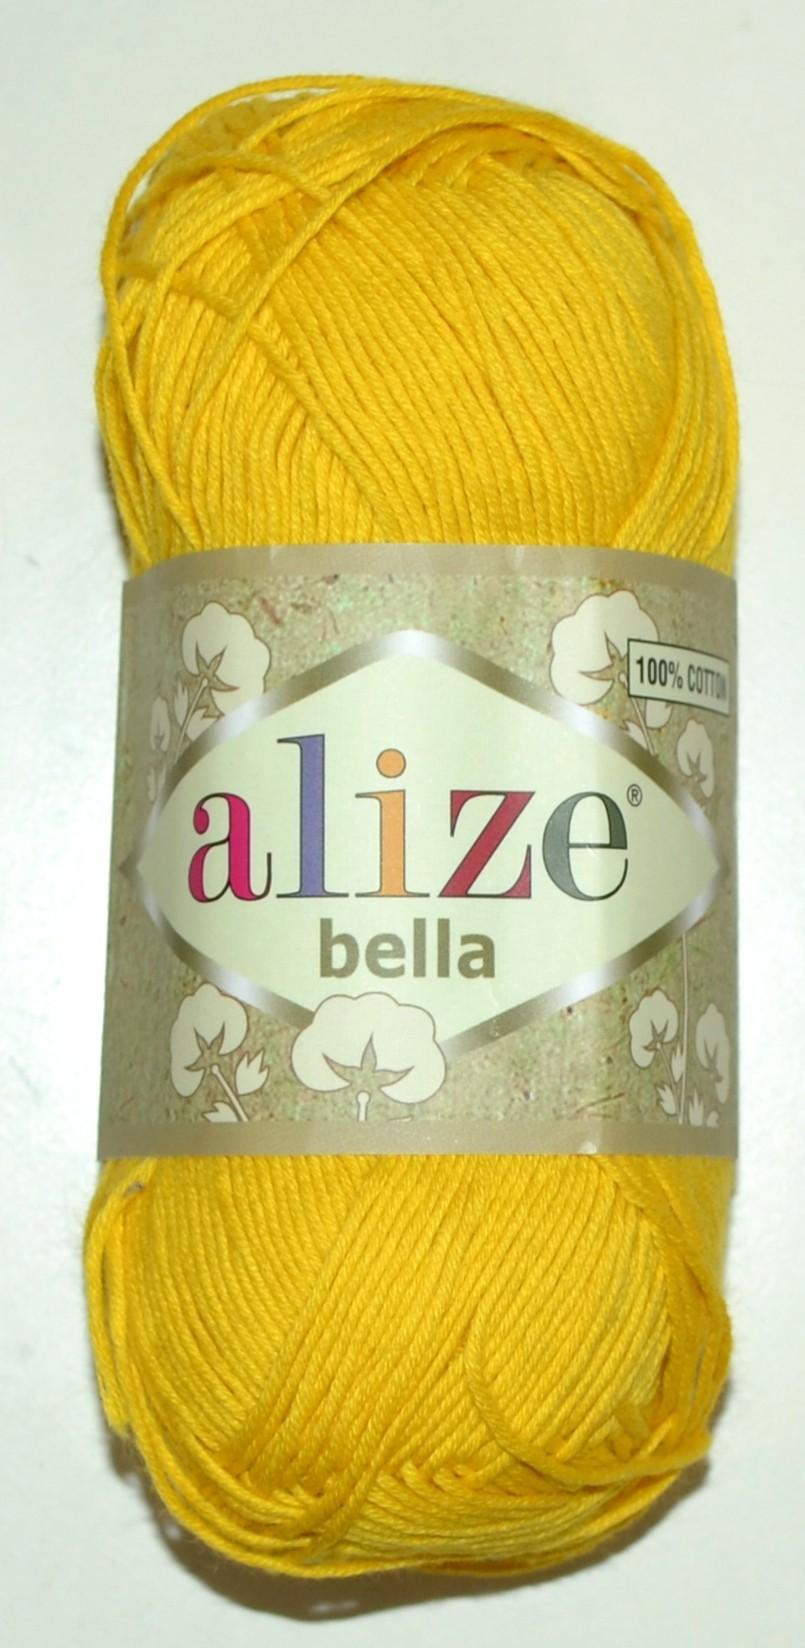 265c3fd2eff Купить ПРЯЖА ALIZE BELLA желтый в интернет-магазине Домалетто ...